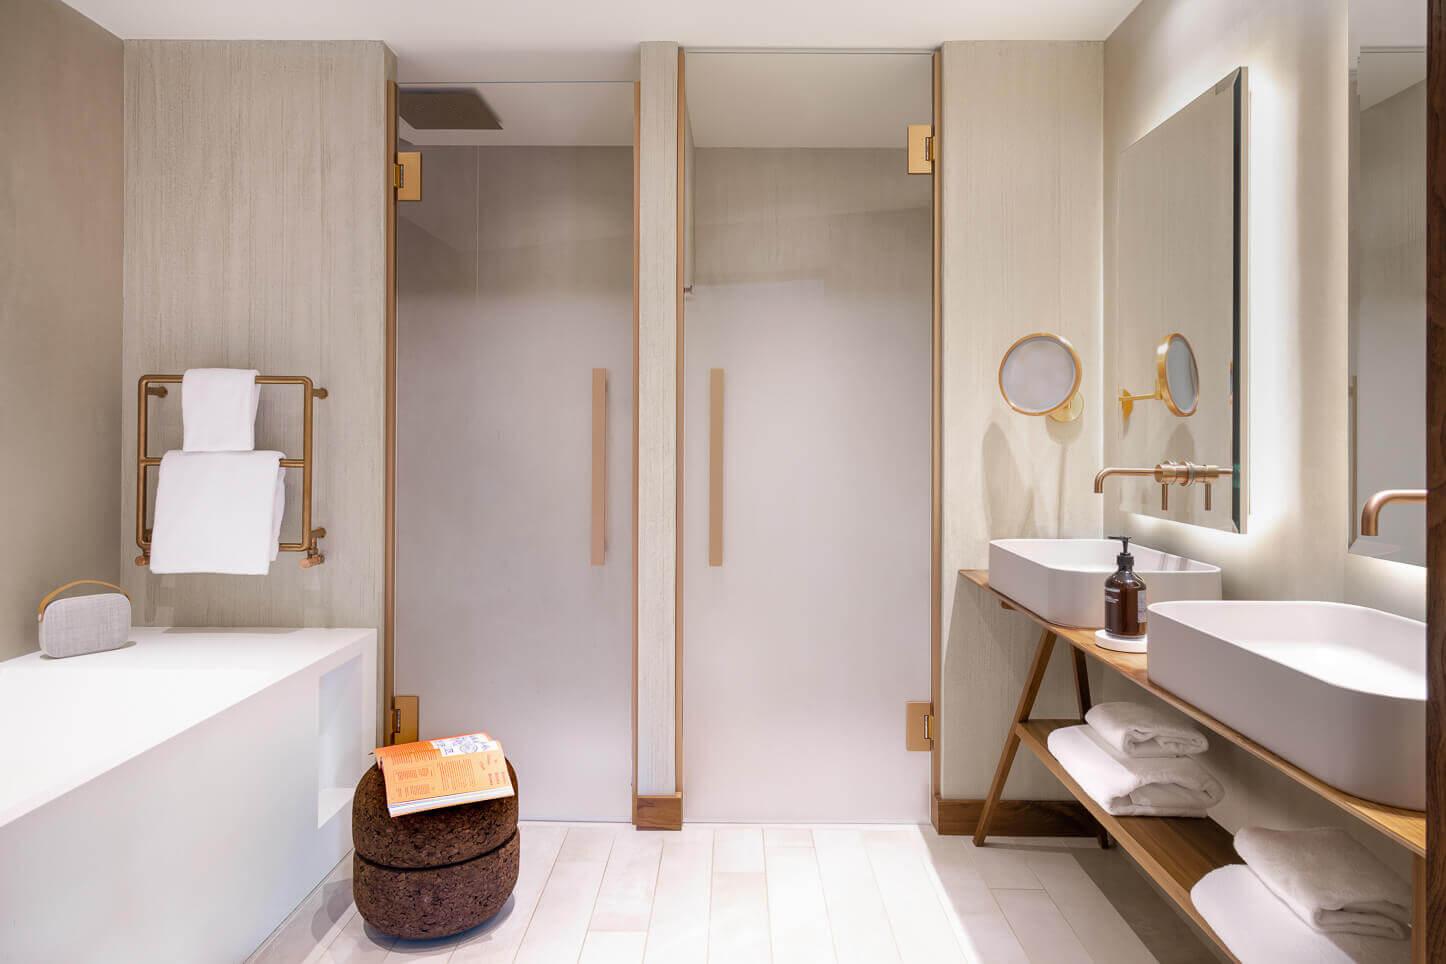 Suite - salle de bains avec double vasque